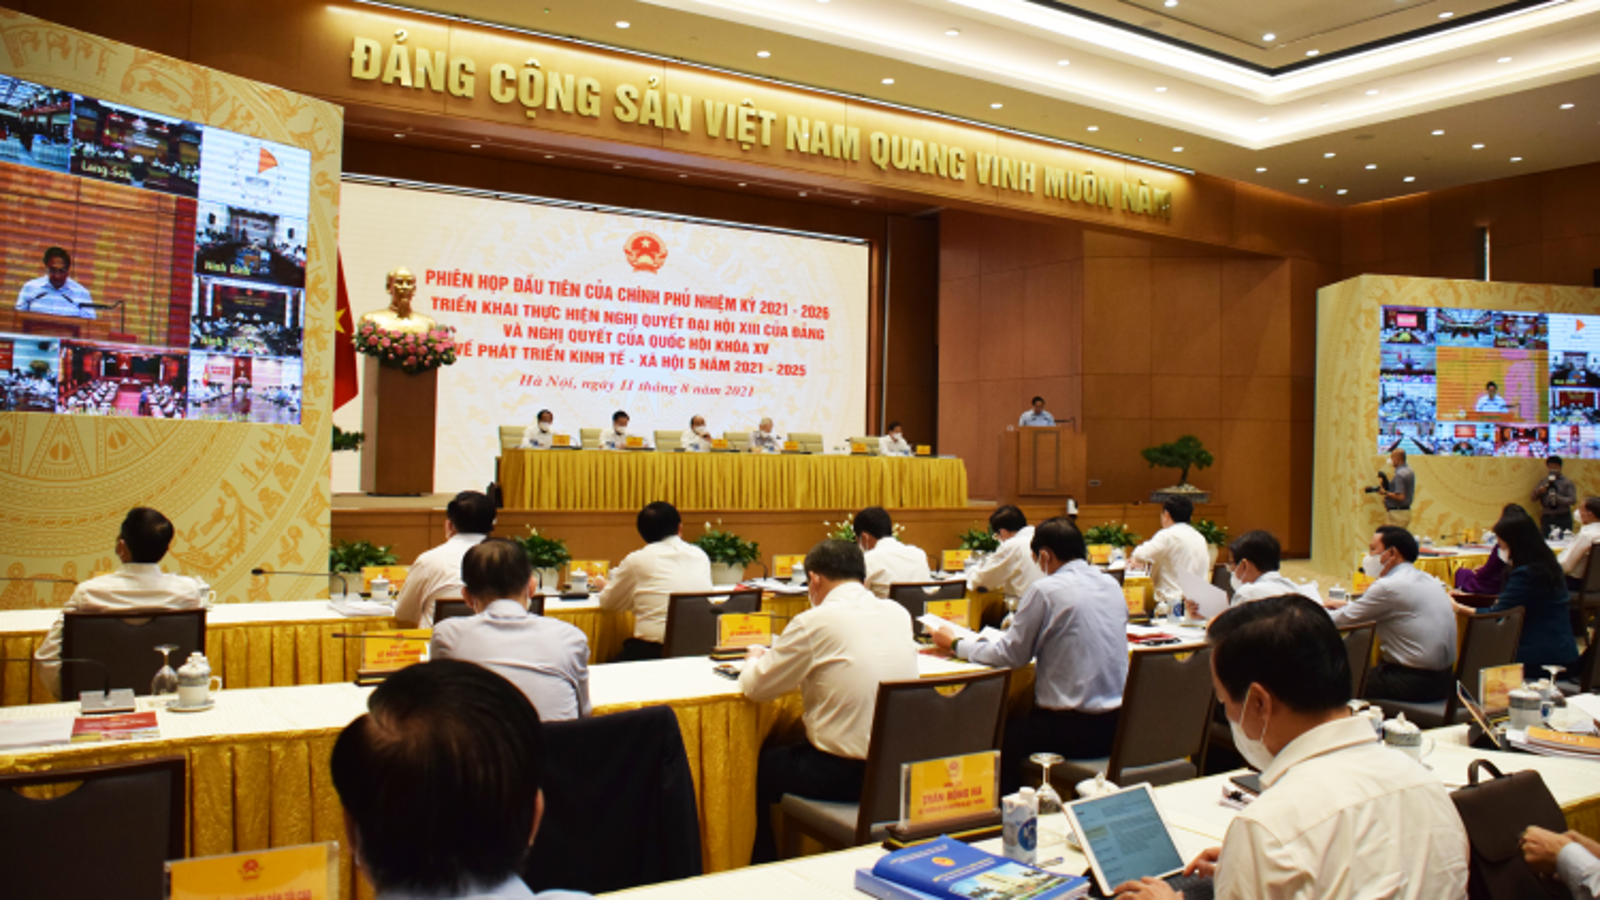 Tổng Bí thư Nguyễn Phú Trọng dự phiên họp đầu tiên của Chính phủ khóa XV